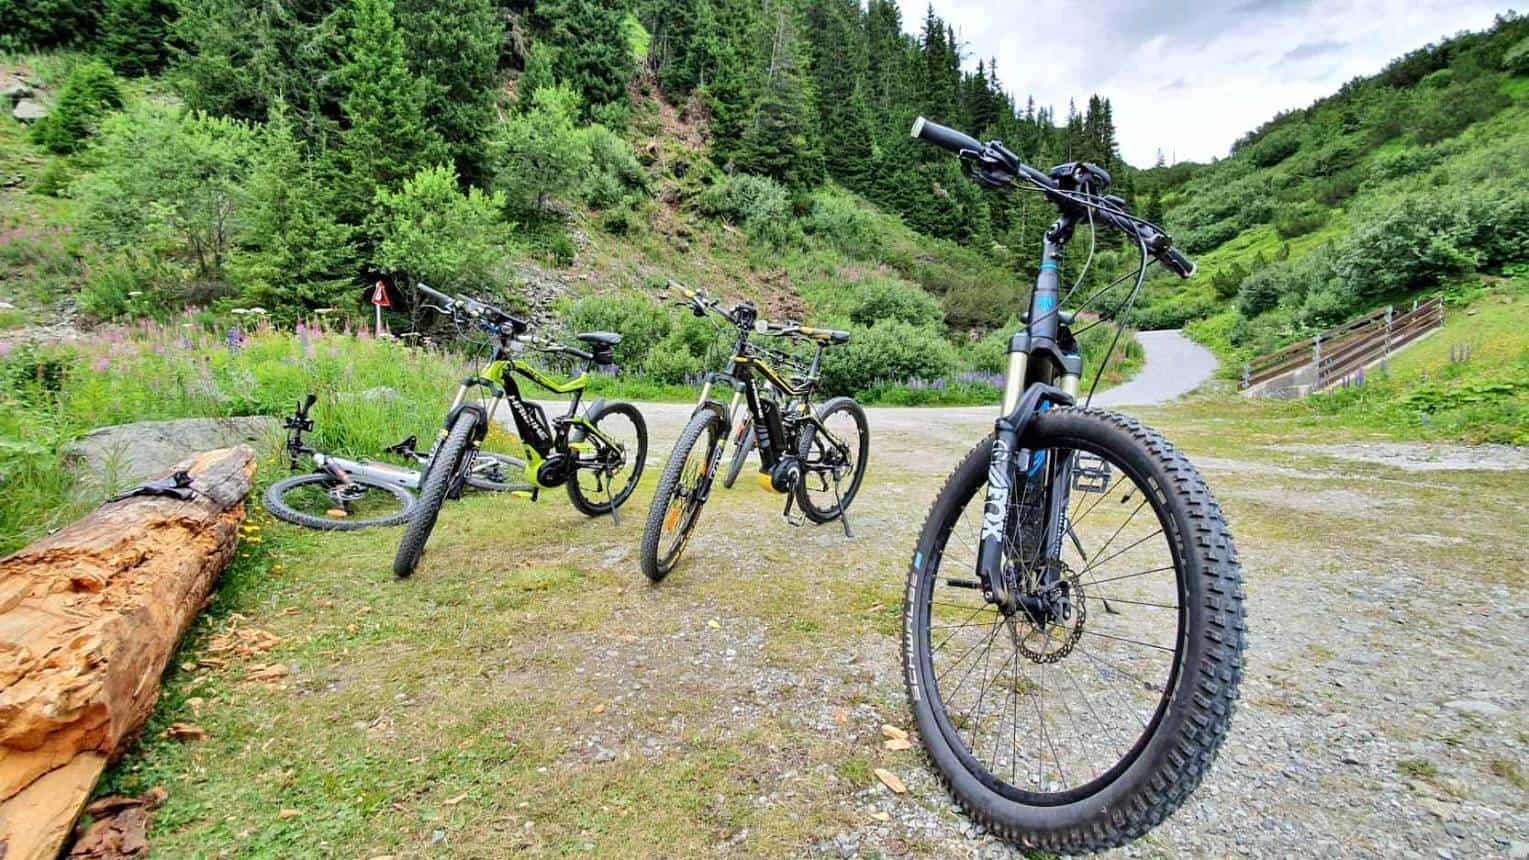 Elektromos hegyikerékpárokkal  kalandozás a természetben hétvégén